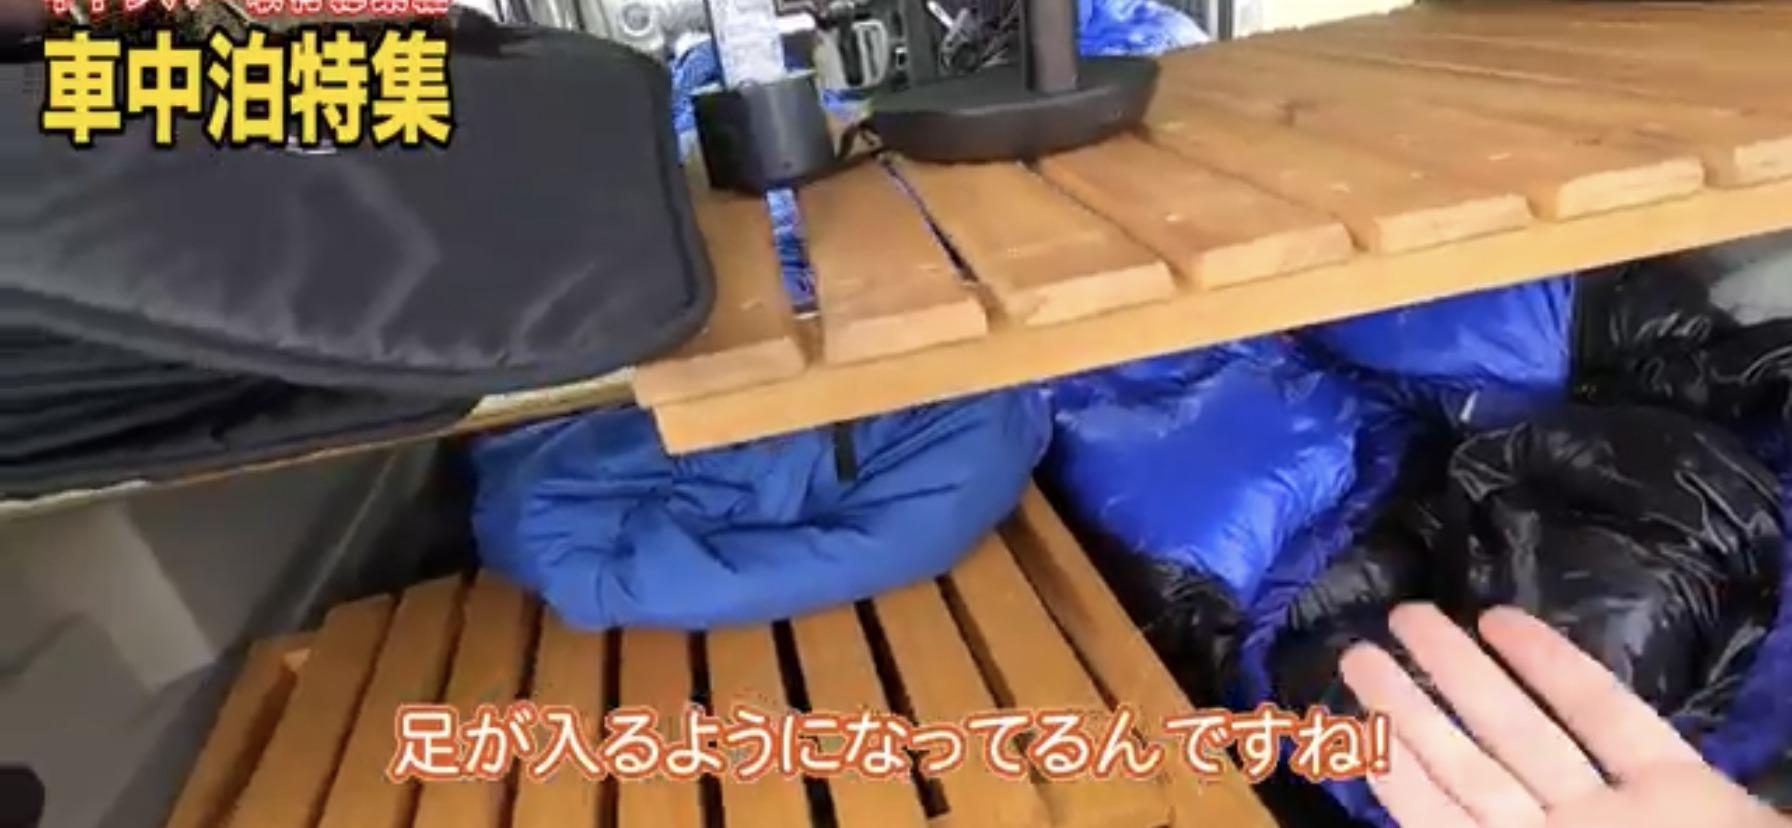 車中泊その1:【スズキ】エブリィワゴン(in ふもとっぱらキャンプ場)